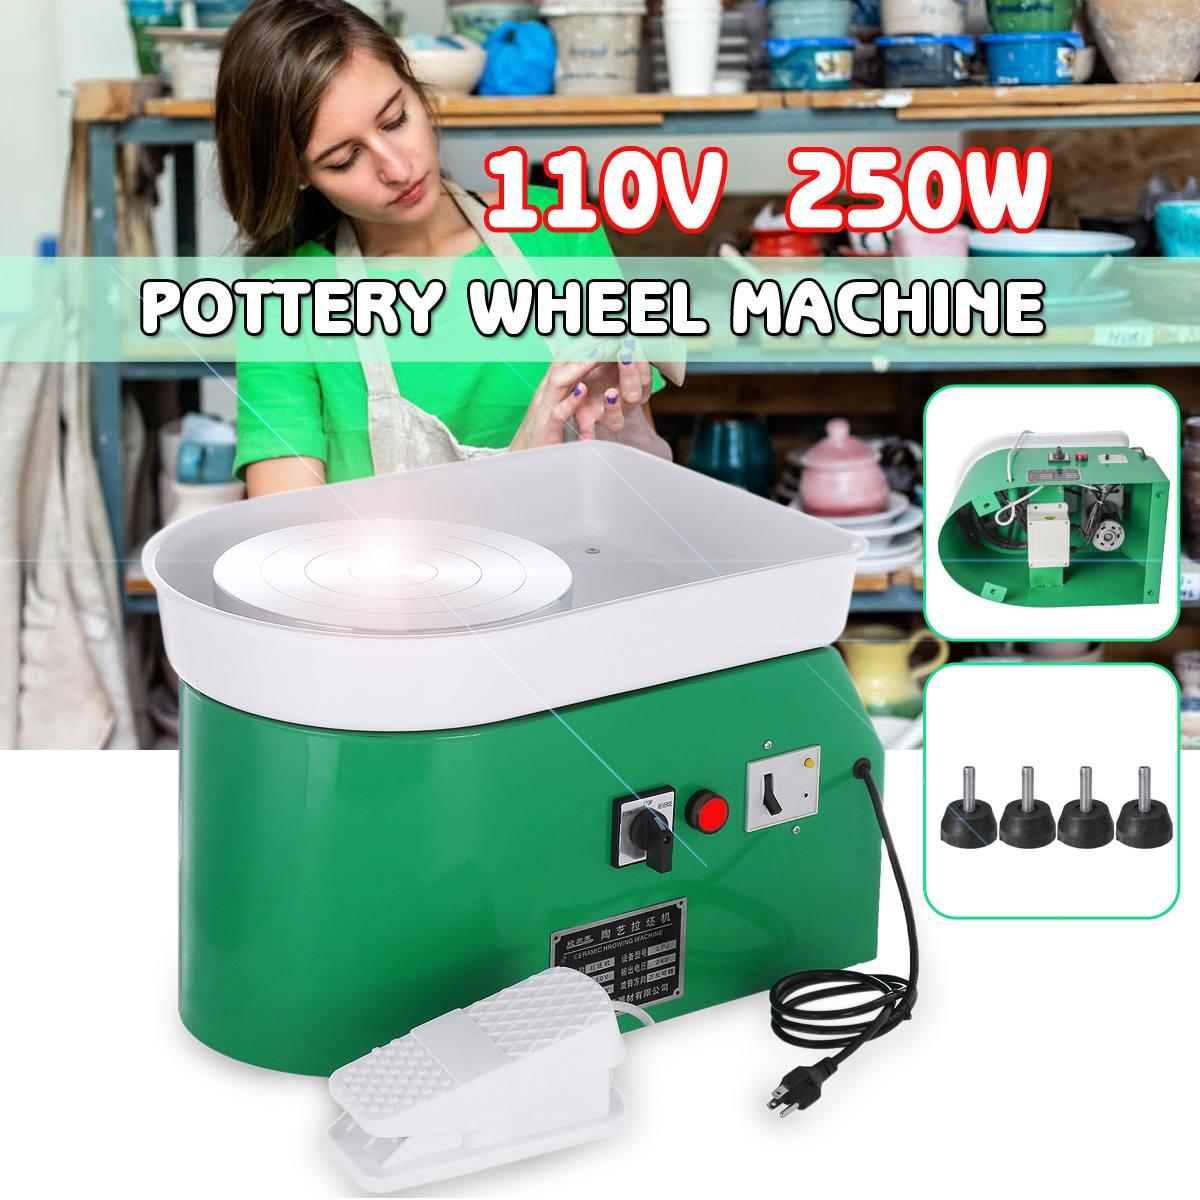 US 110V 250W tournant la roue de poterie électrique en céramique Machine en céramique argile potier Kit pour céramique de travail en céramique